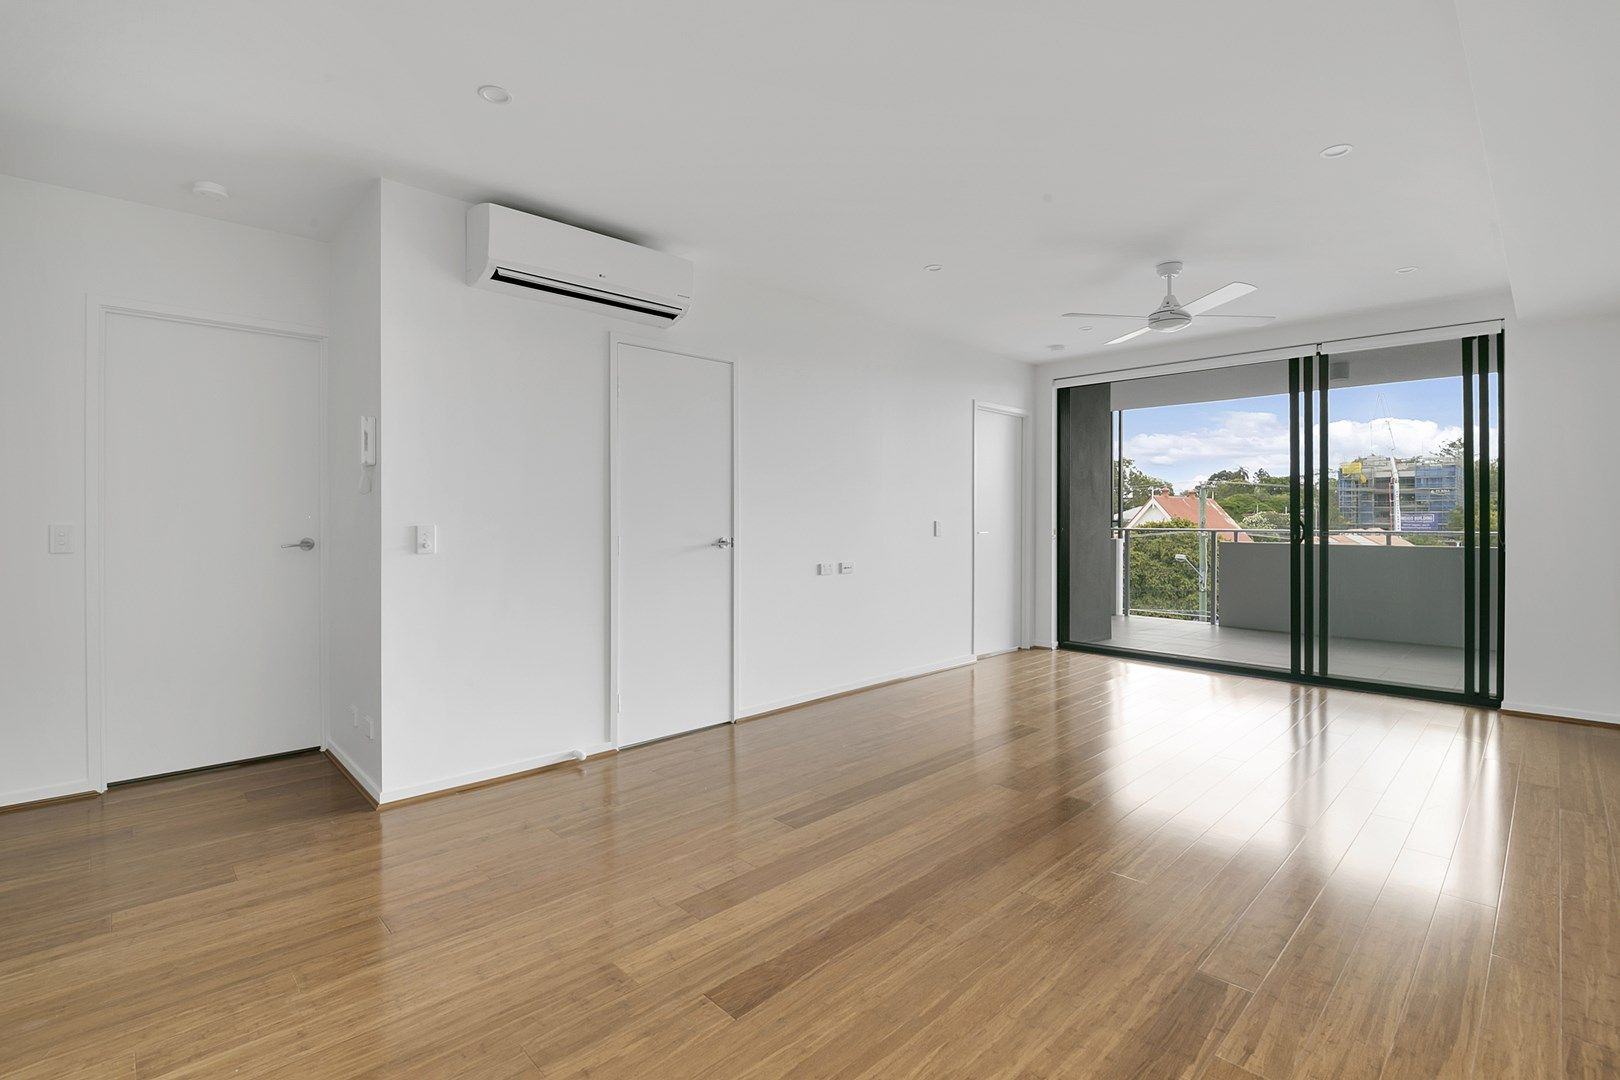 27/8 Mayhew Street, Sherwood QLD 4075, Image 1